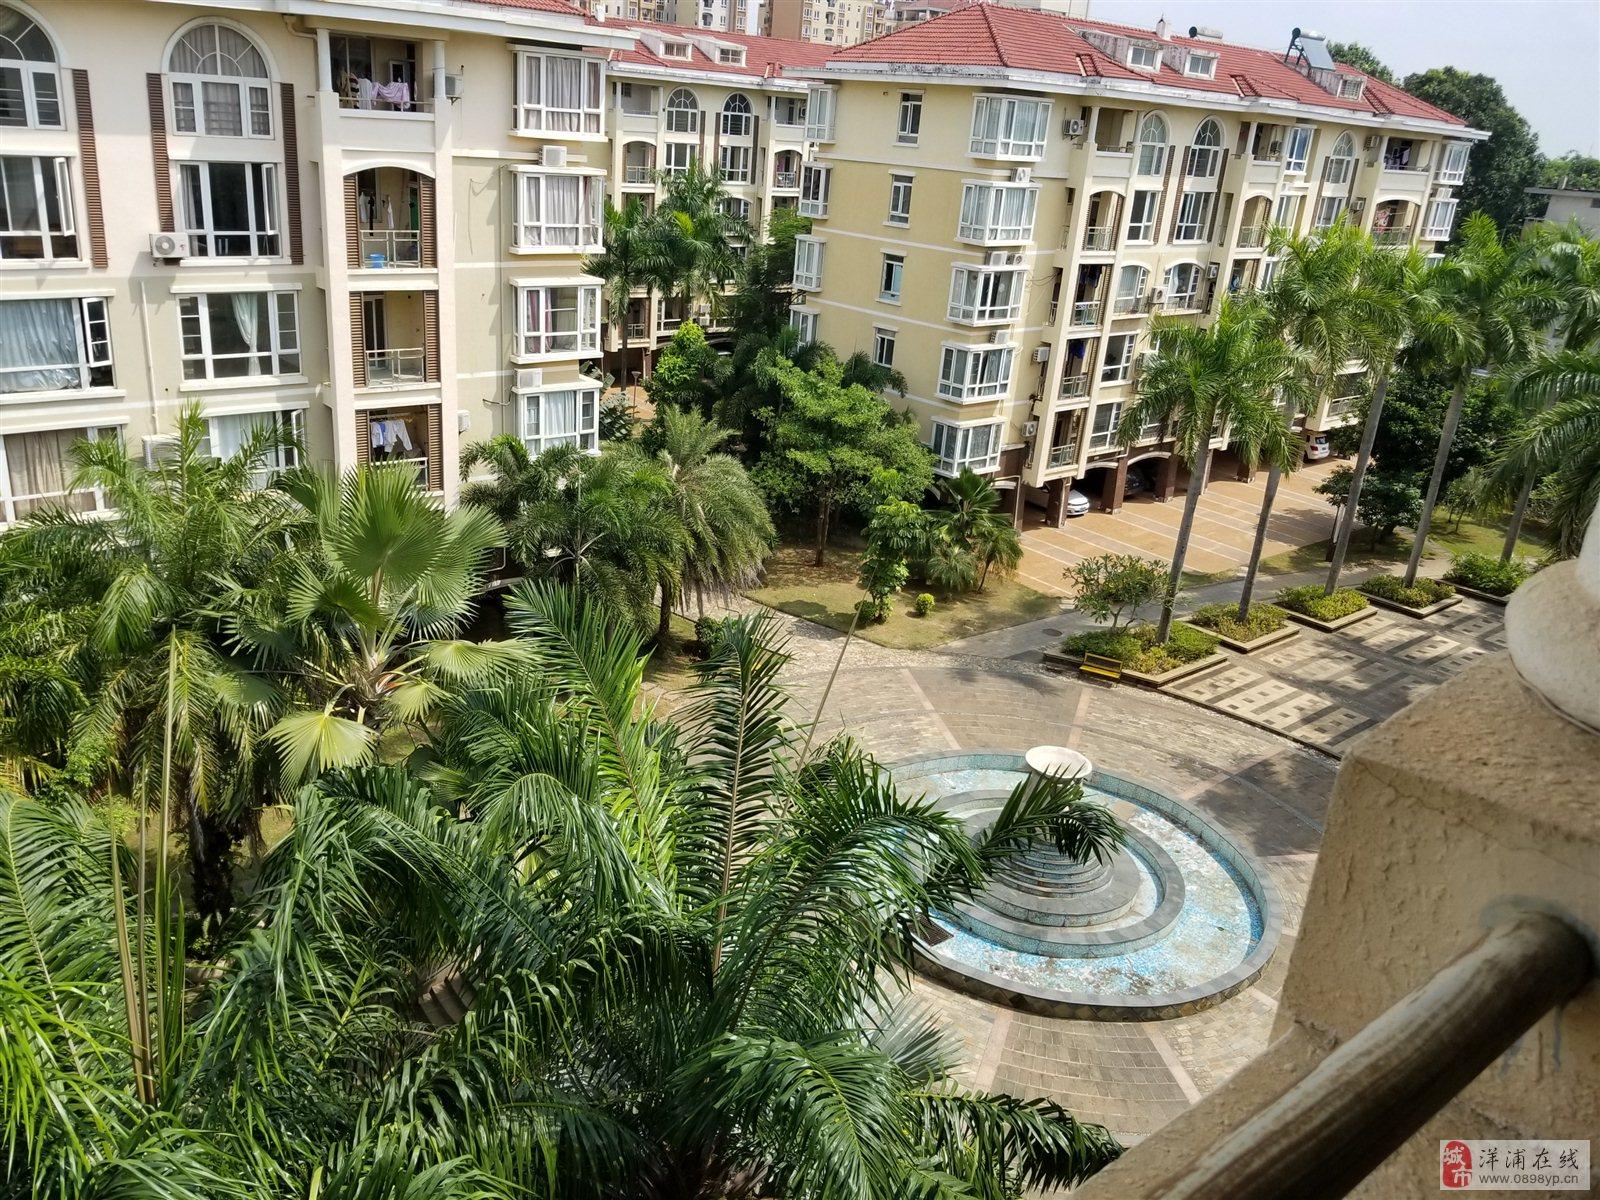 普瑞豪苑6楼送阁楼3室2厅2卫147平米急售